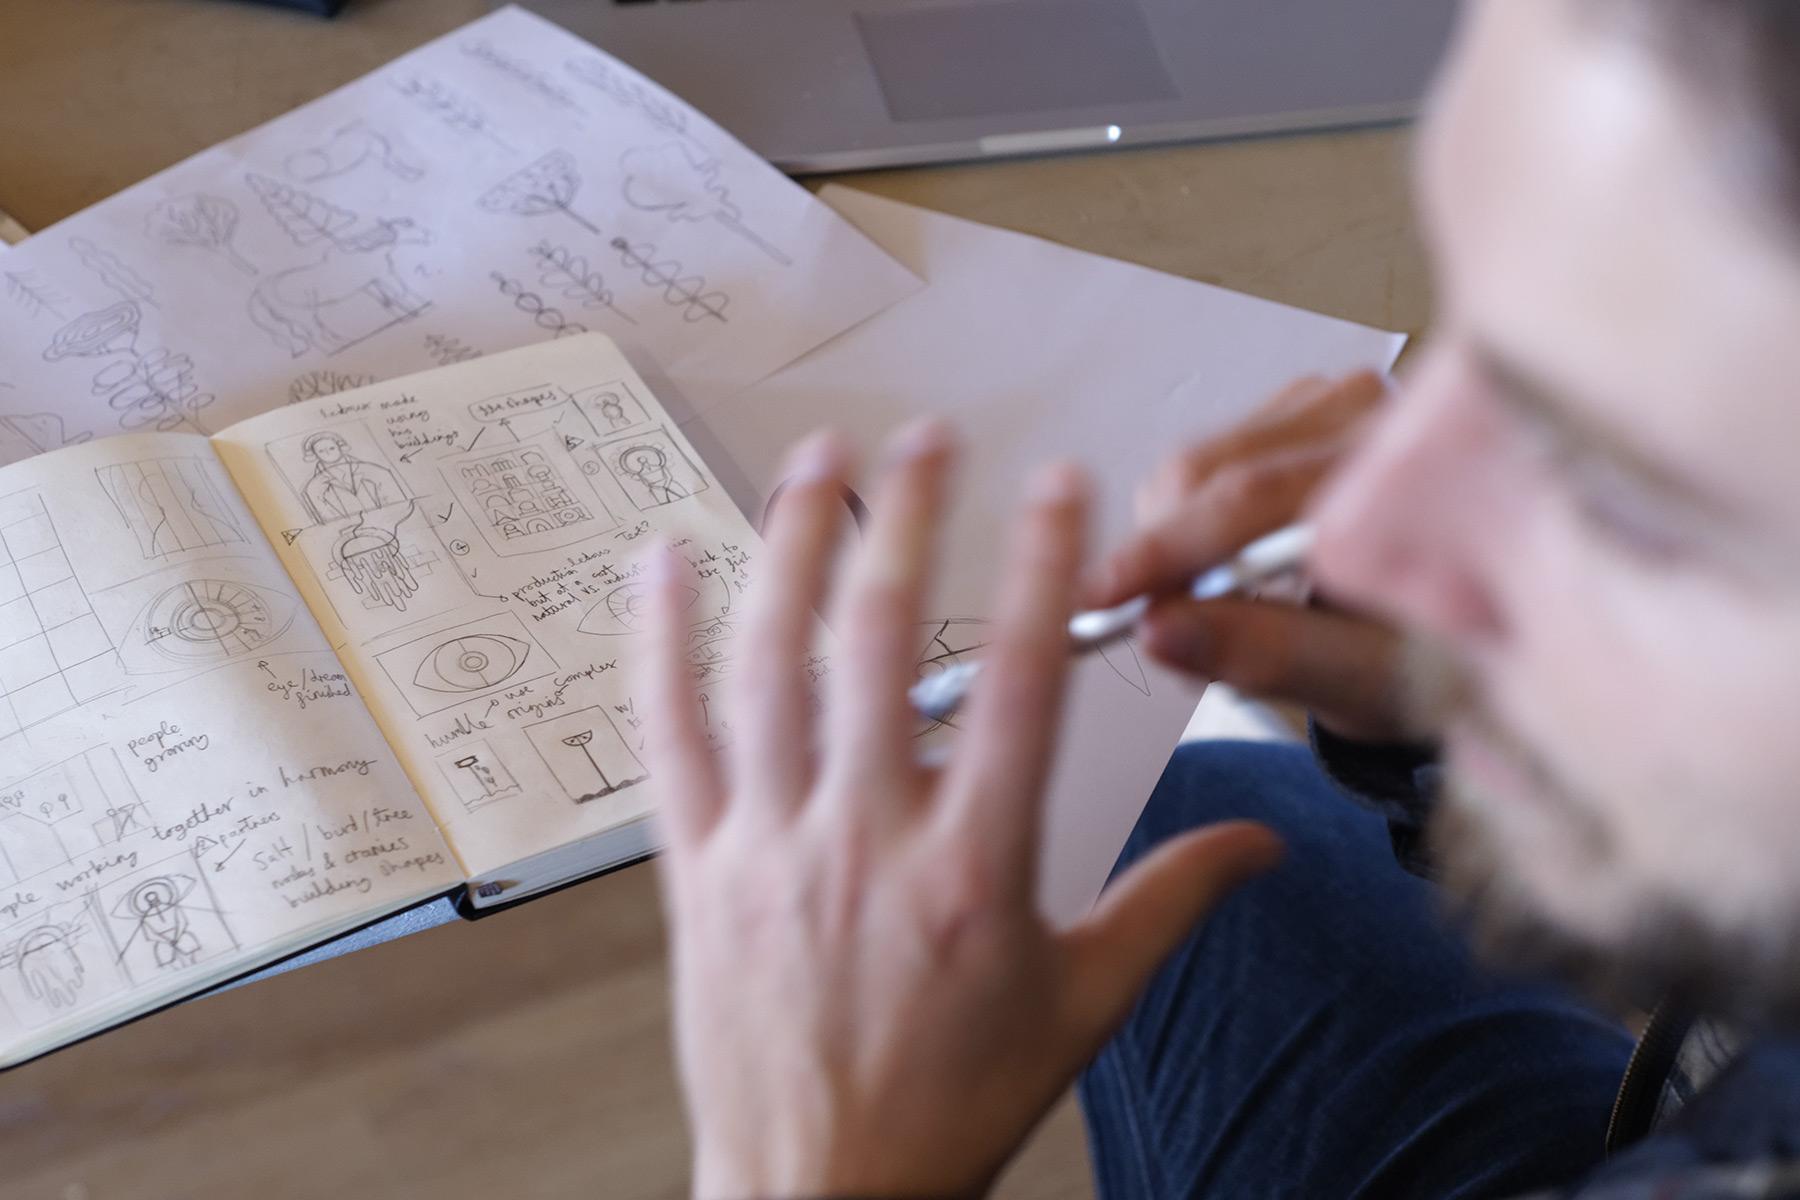 MaisonTangible-Manufacture-Images-Objets-Graphiques-Besancon-Paris-Residence-Owen-Davey-Saline-Arc-et-Senans-Interview-02.jpg